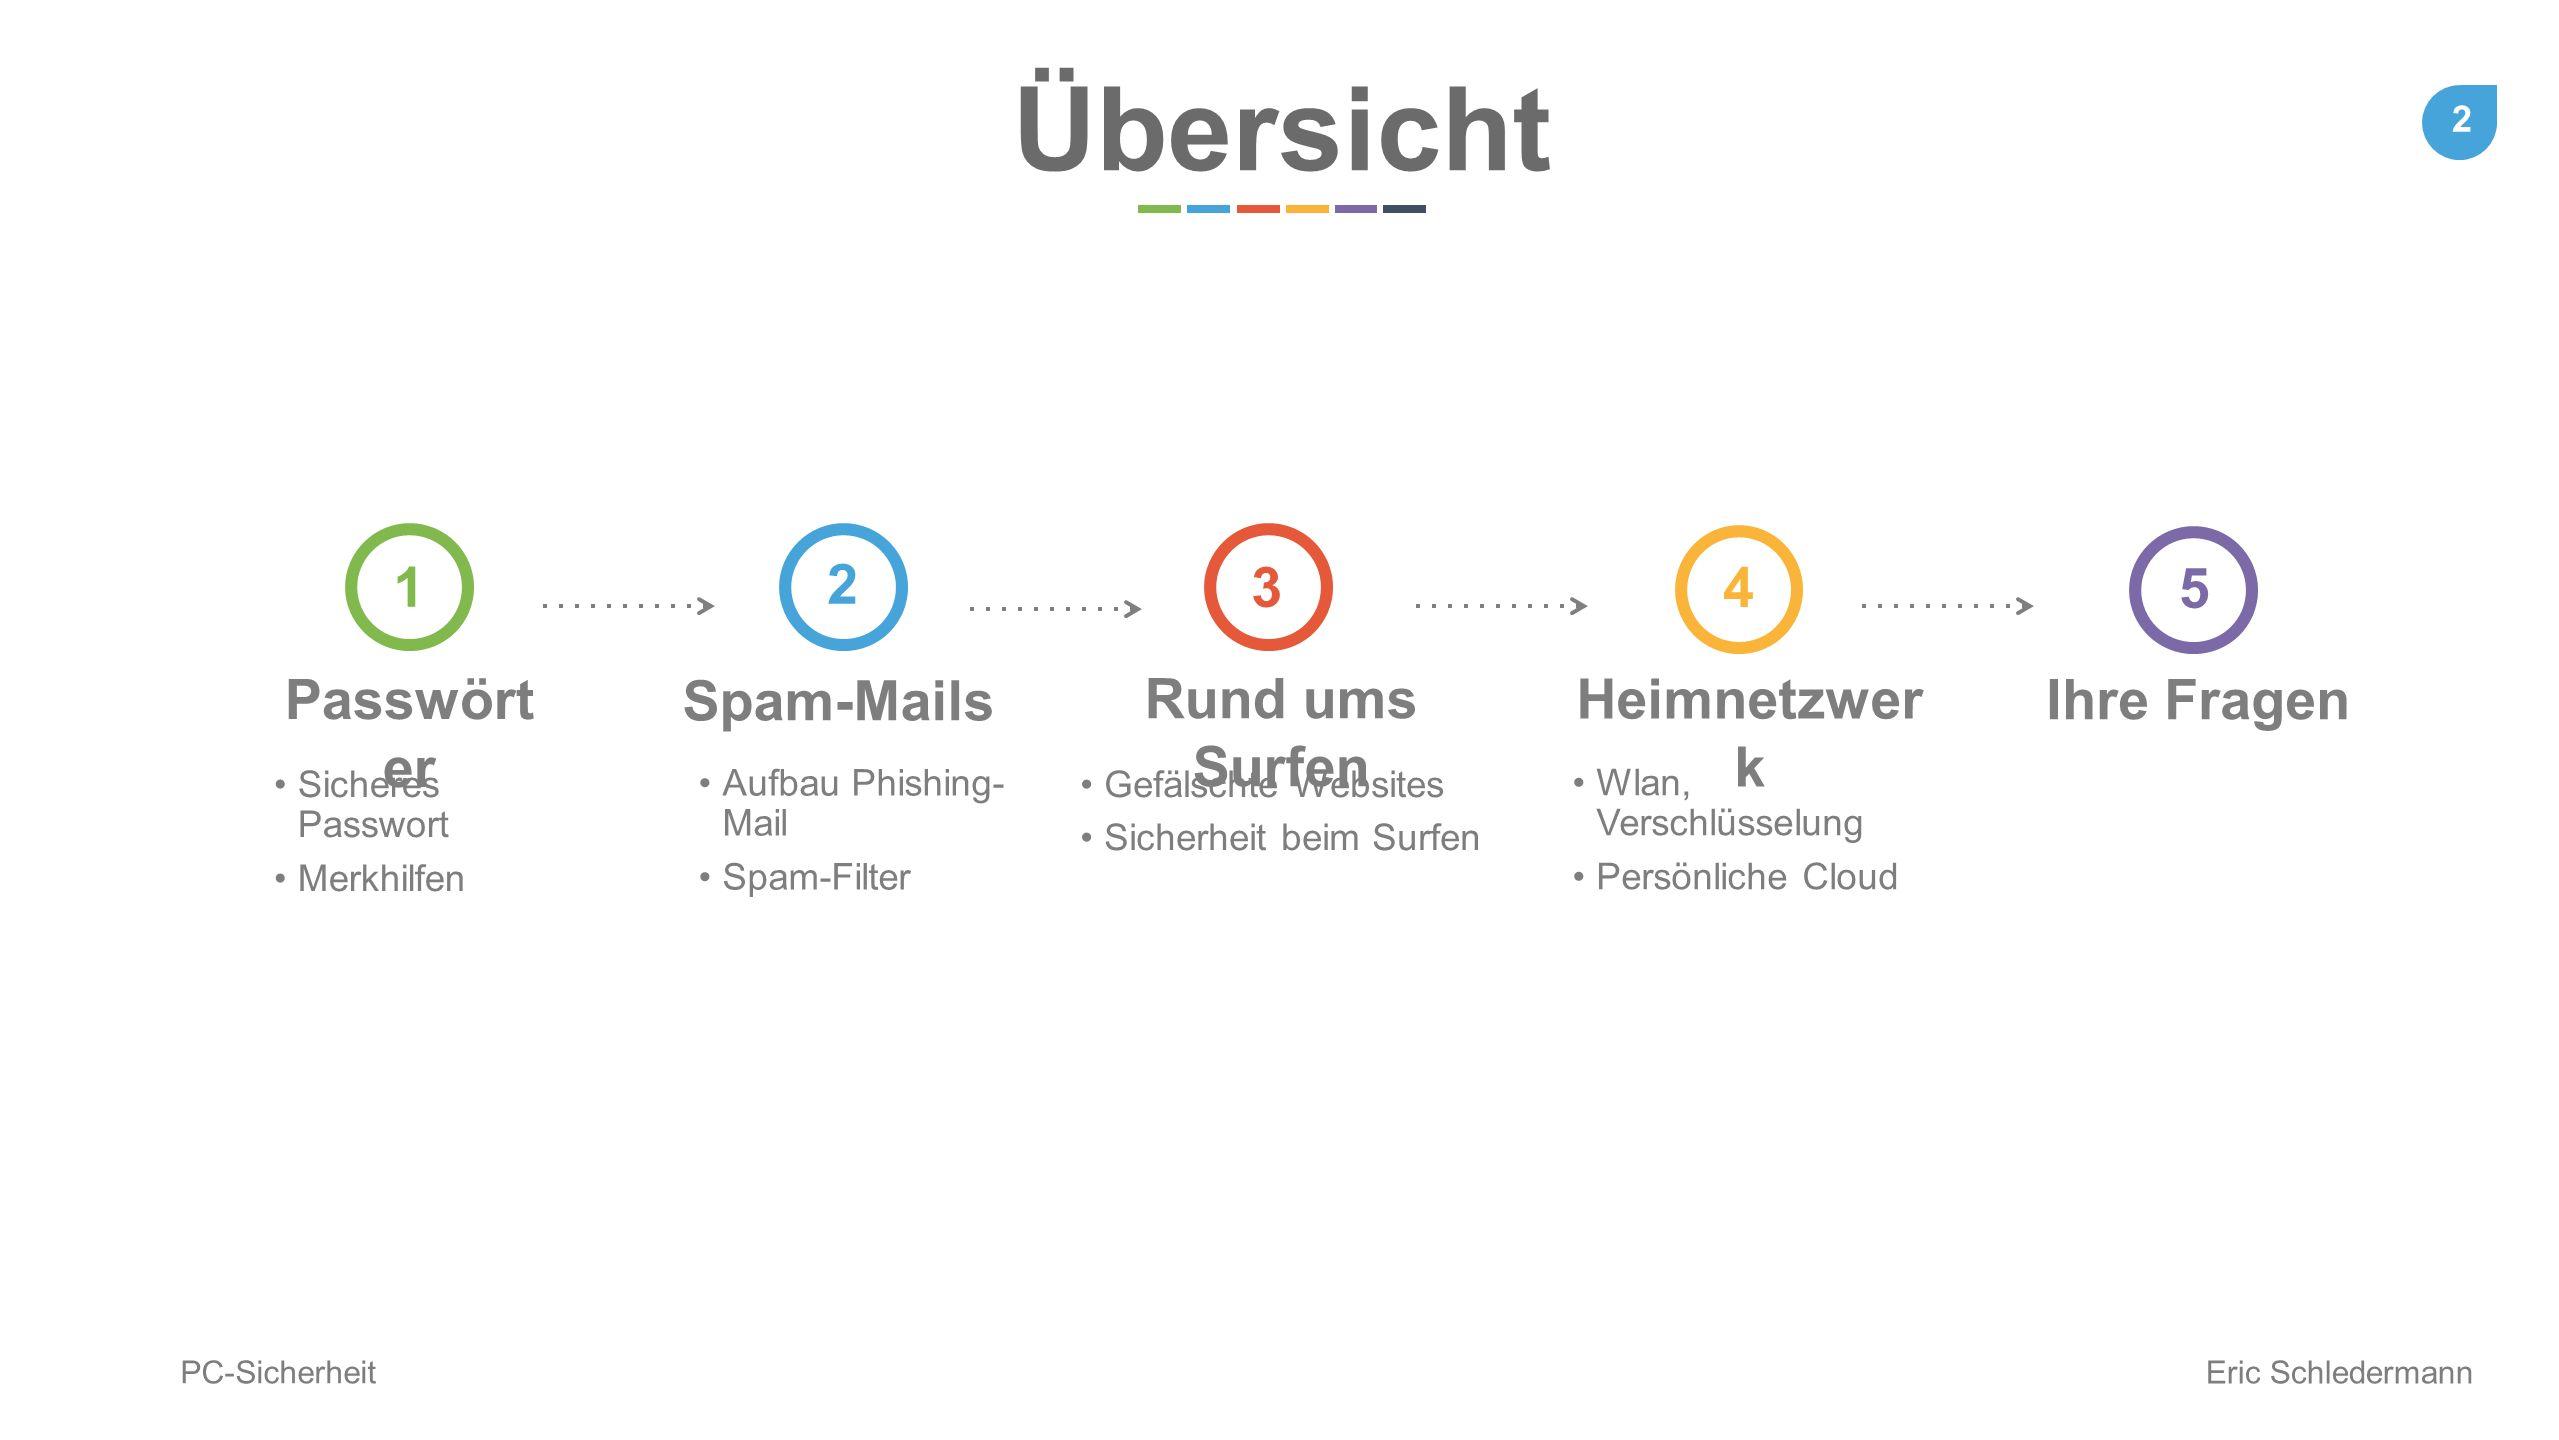 Übersicht Passwörter 1 Spam-Mails 2 Rund ums Surfen 3 Heimnetzwerk 4